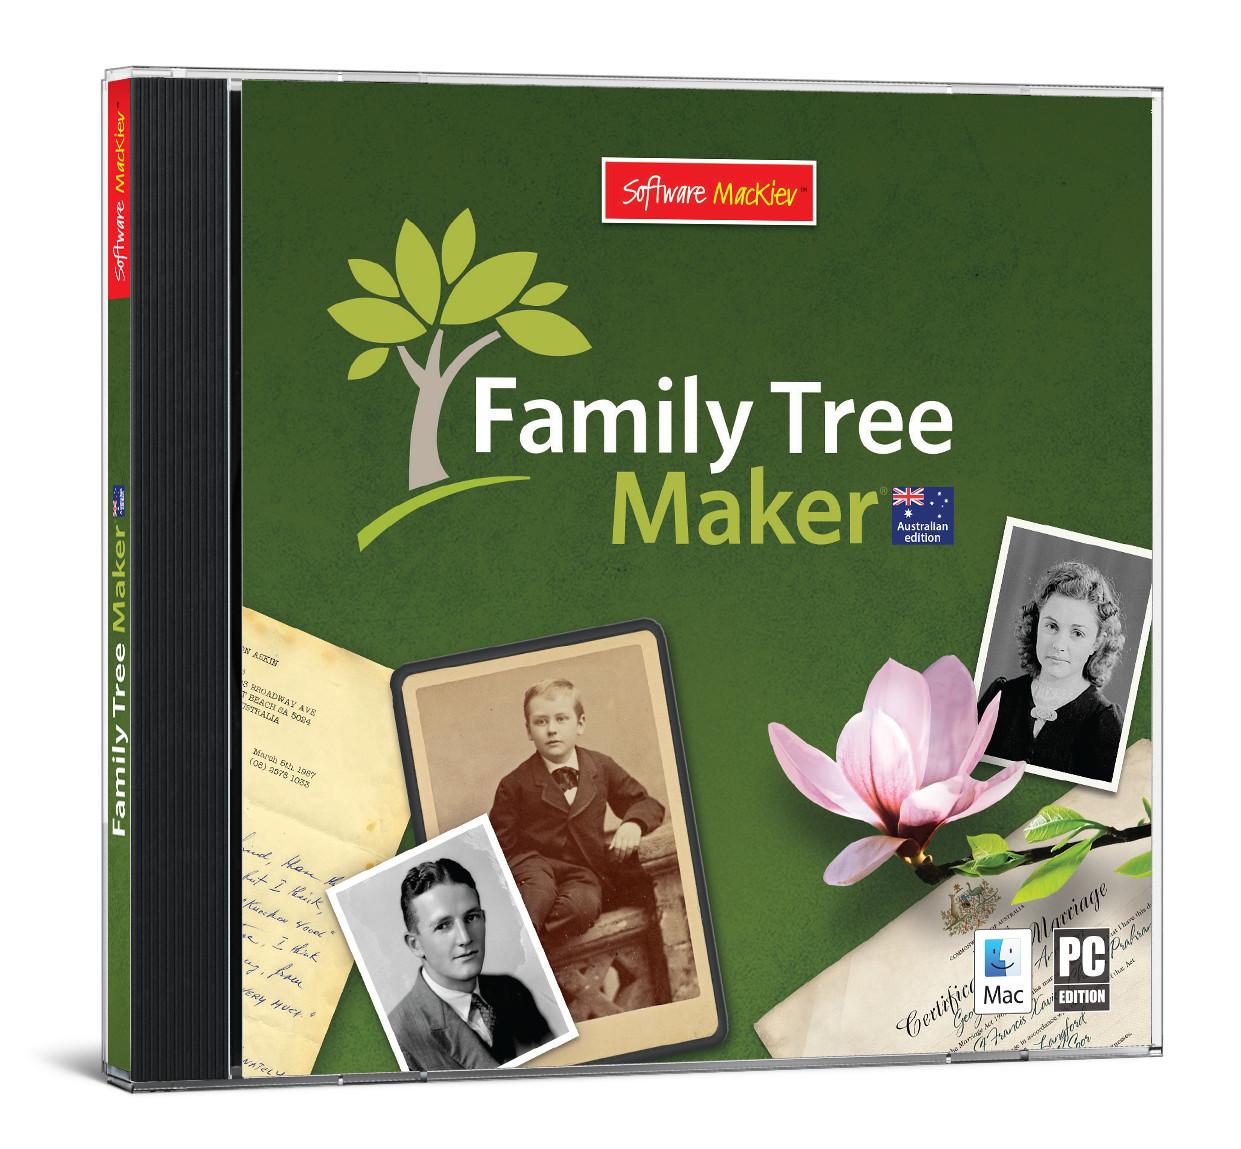 Family Tree Maker 2014.1 Arrives in Australia